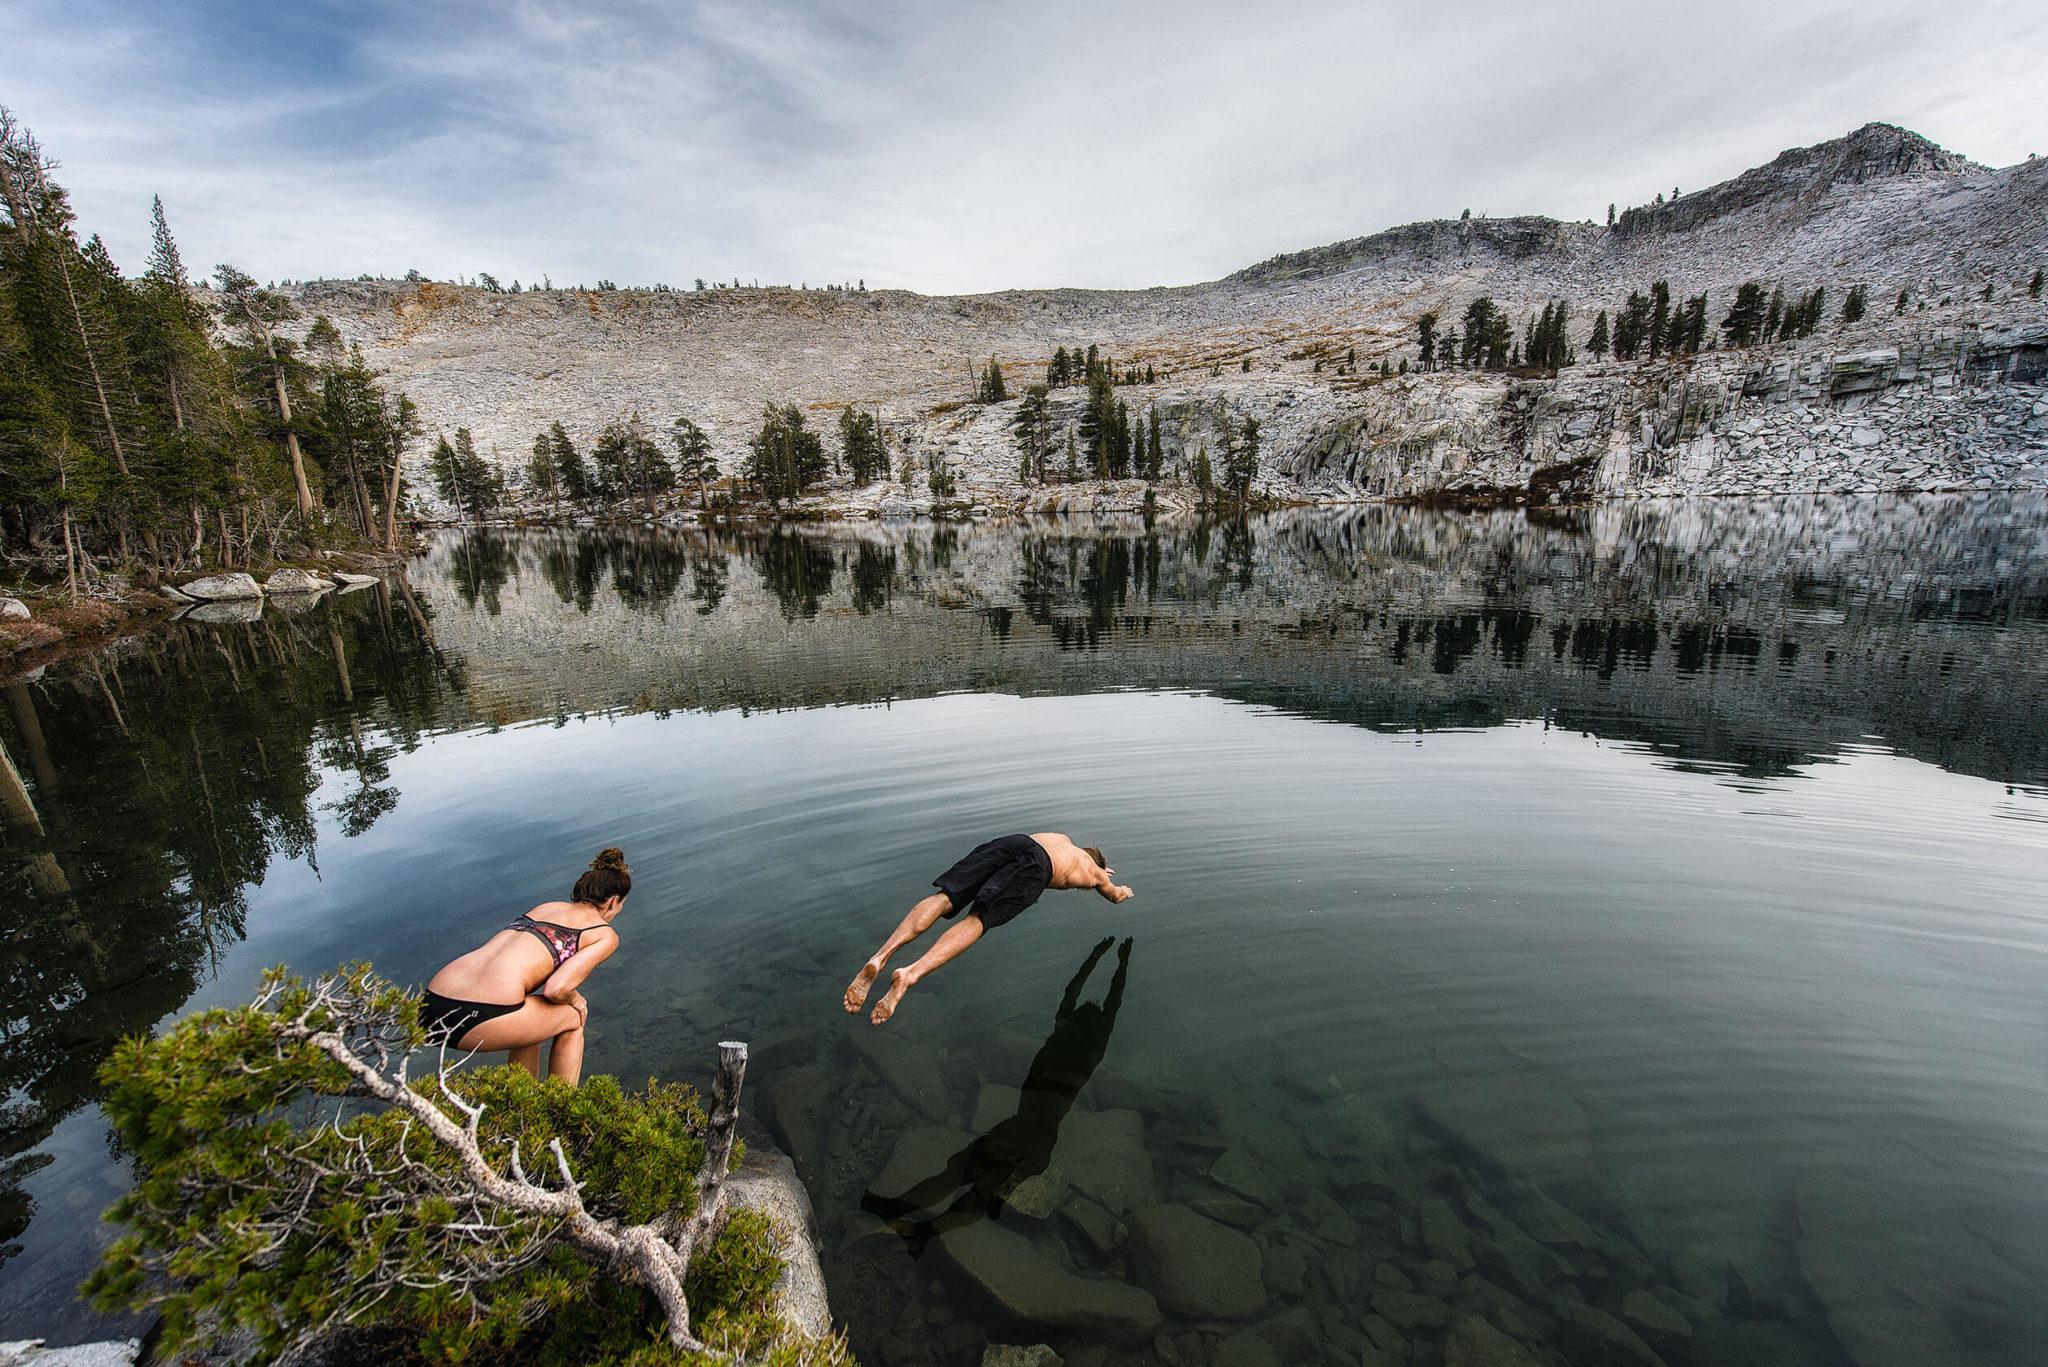 Backpacking Buena Vista Lake, Yosemite National Park ...